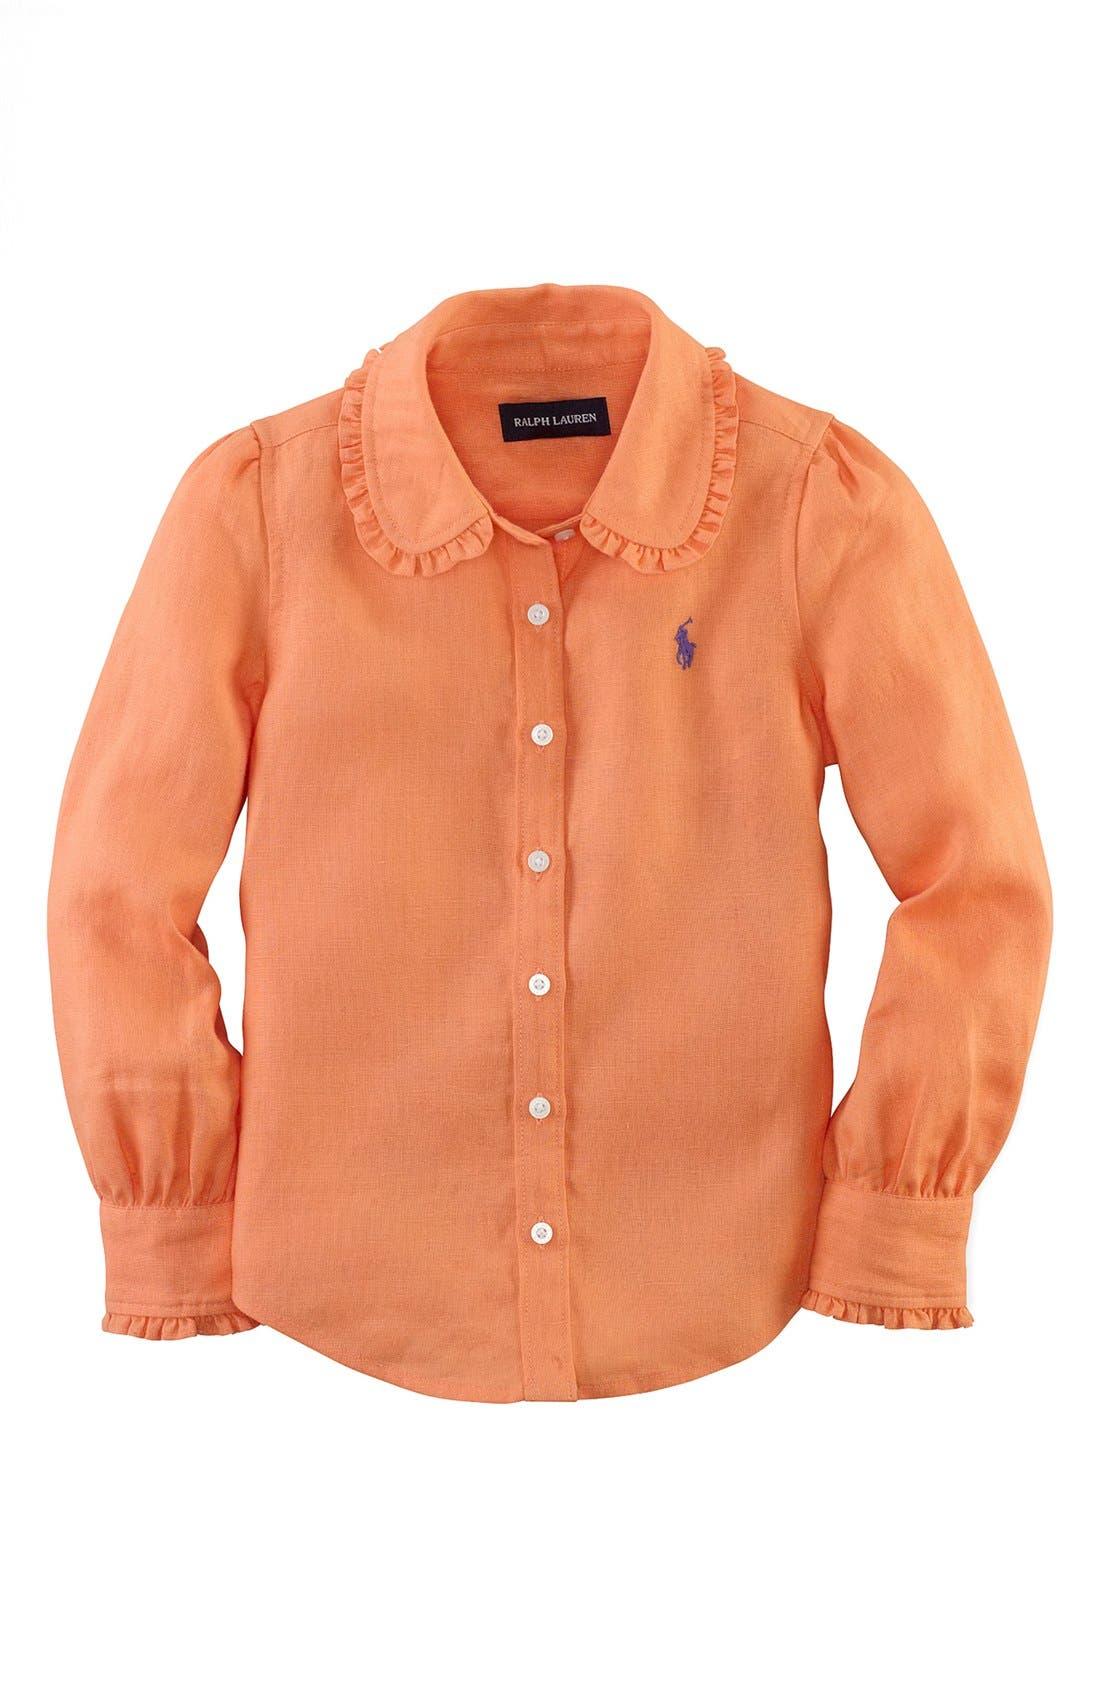 Main Image - Ralph Lauren Linen Shirt (Toddler Girls)